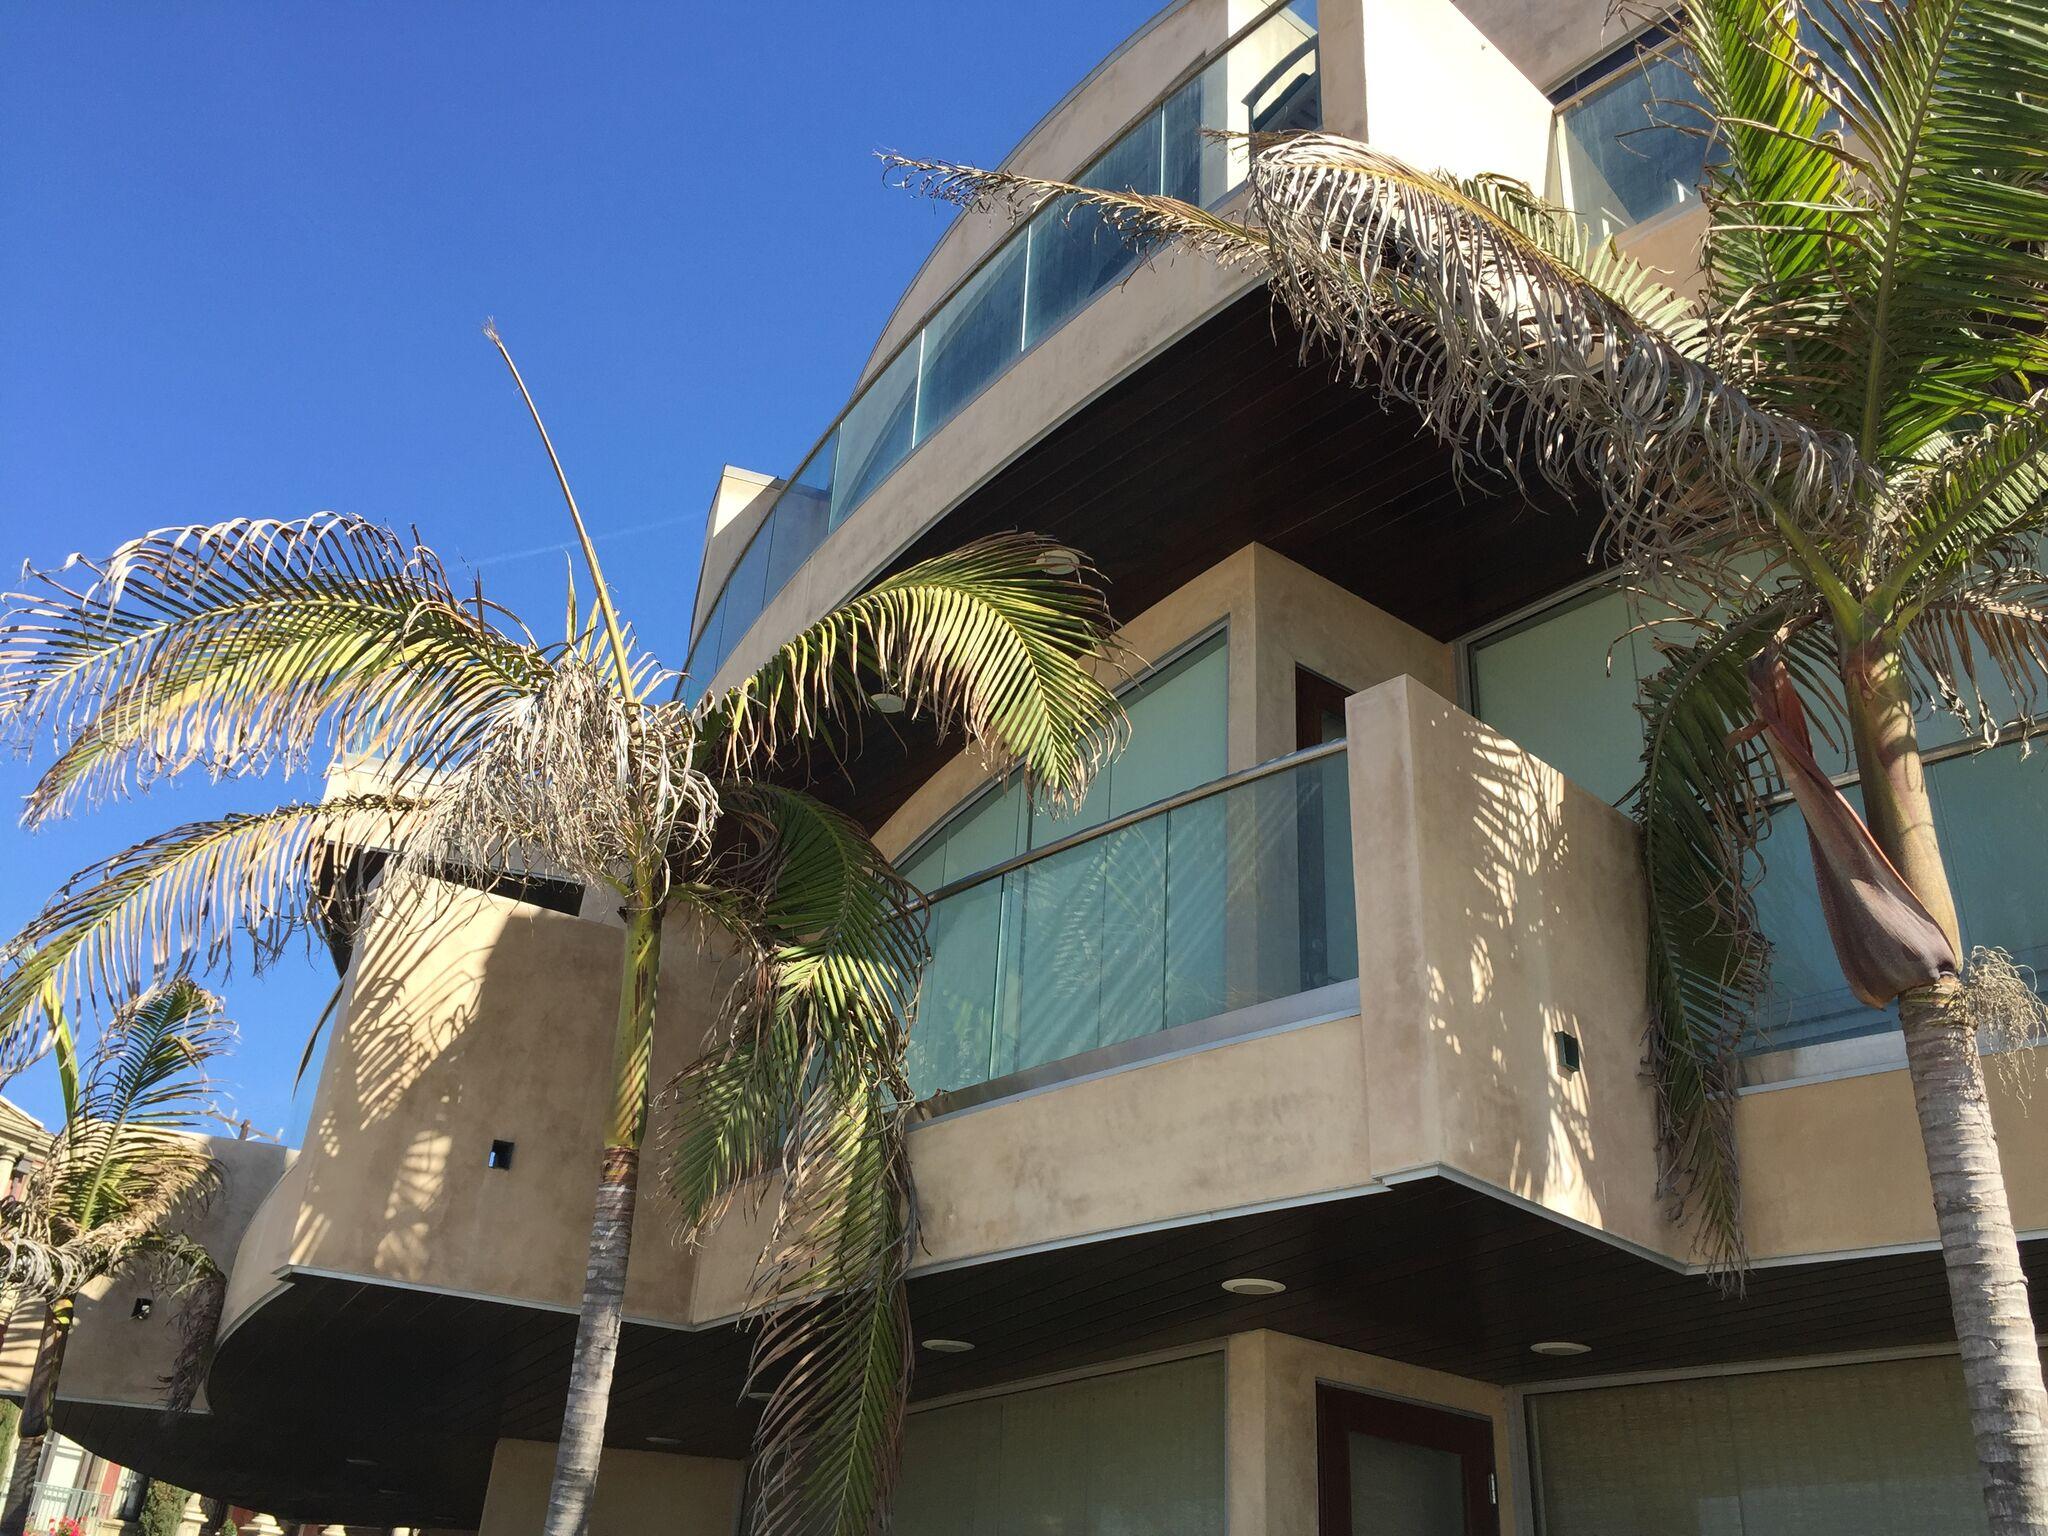 Manhattan Beach Architecture.jpg